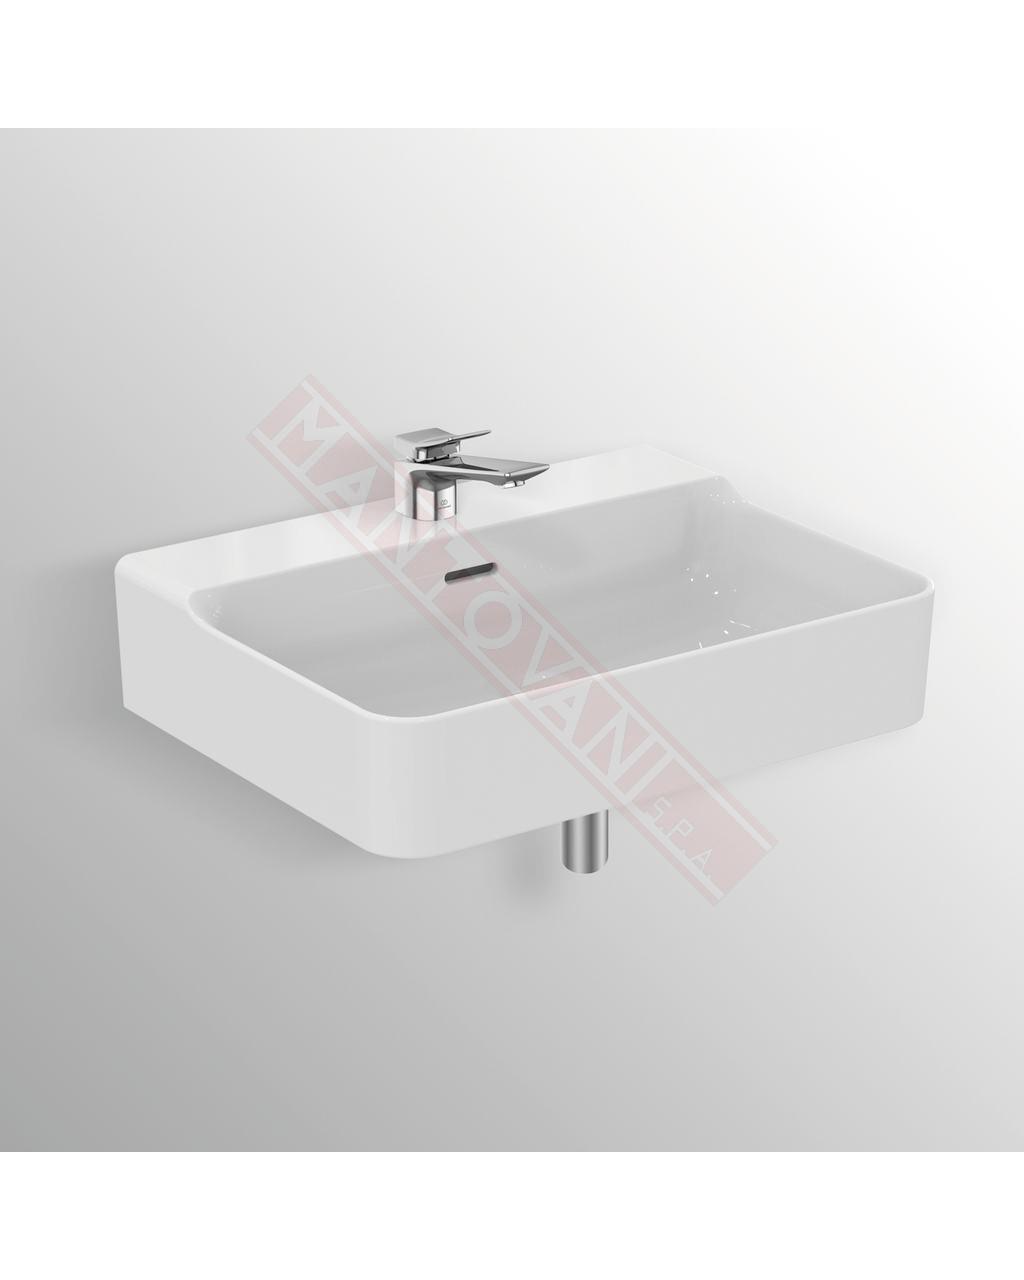 Mantovani Spa Ideal Standard Conca Lavabo Bagno Da Parete 60x45 Cm Con Troppopieno E